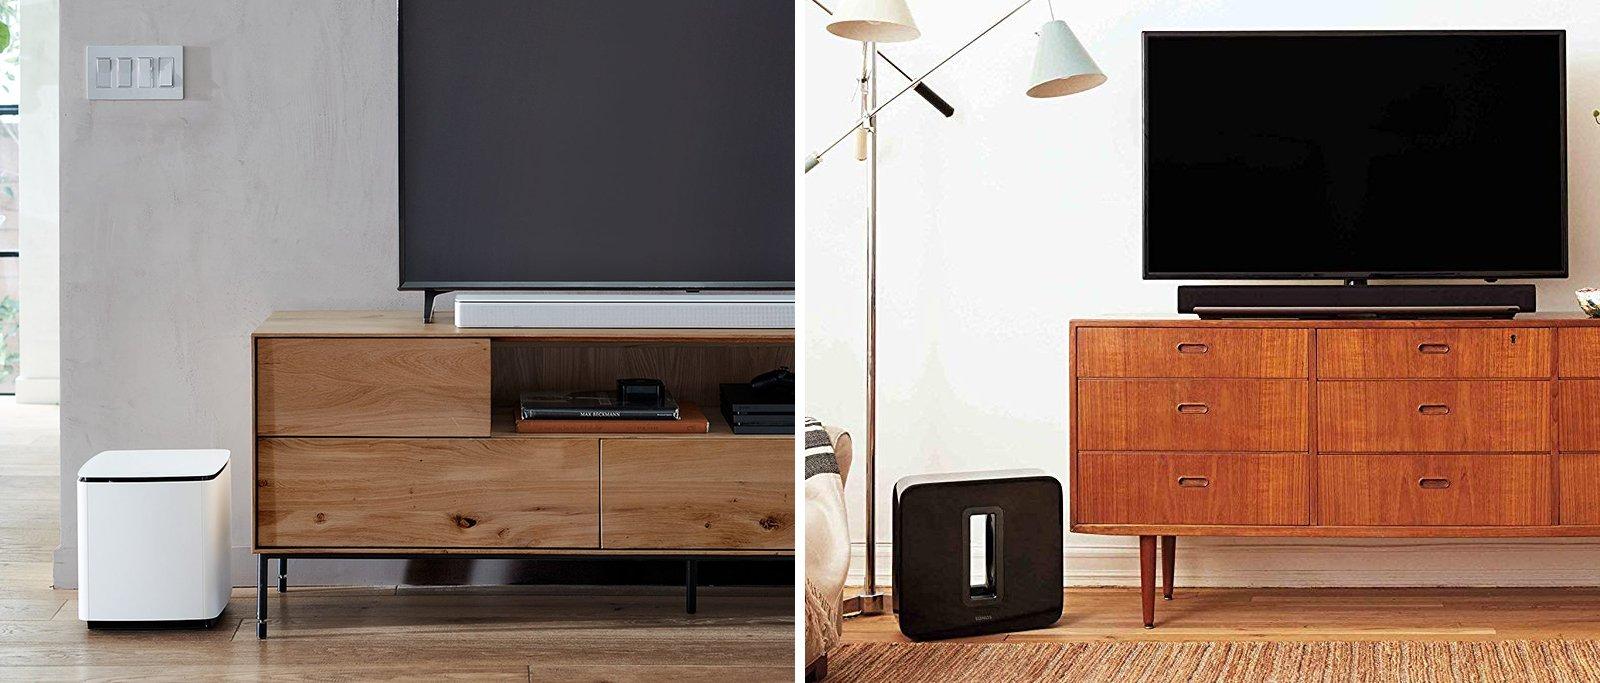 Bose vs Sonos Home Theater System Comparison